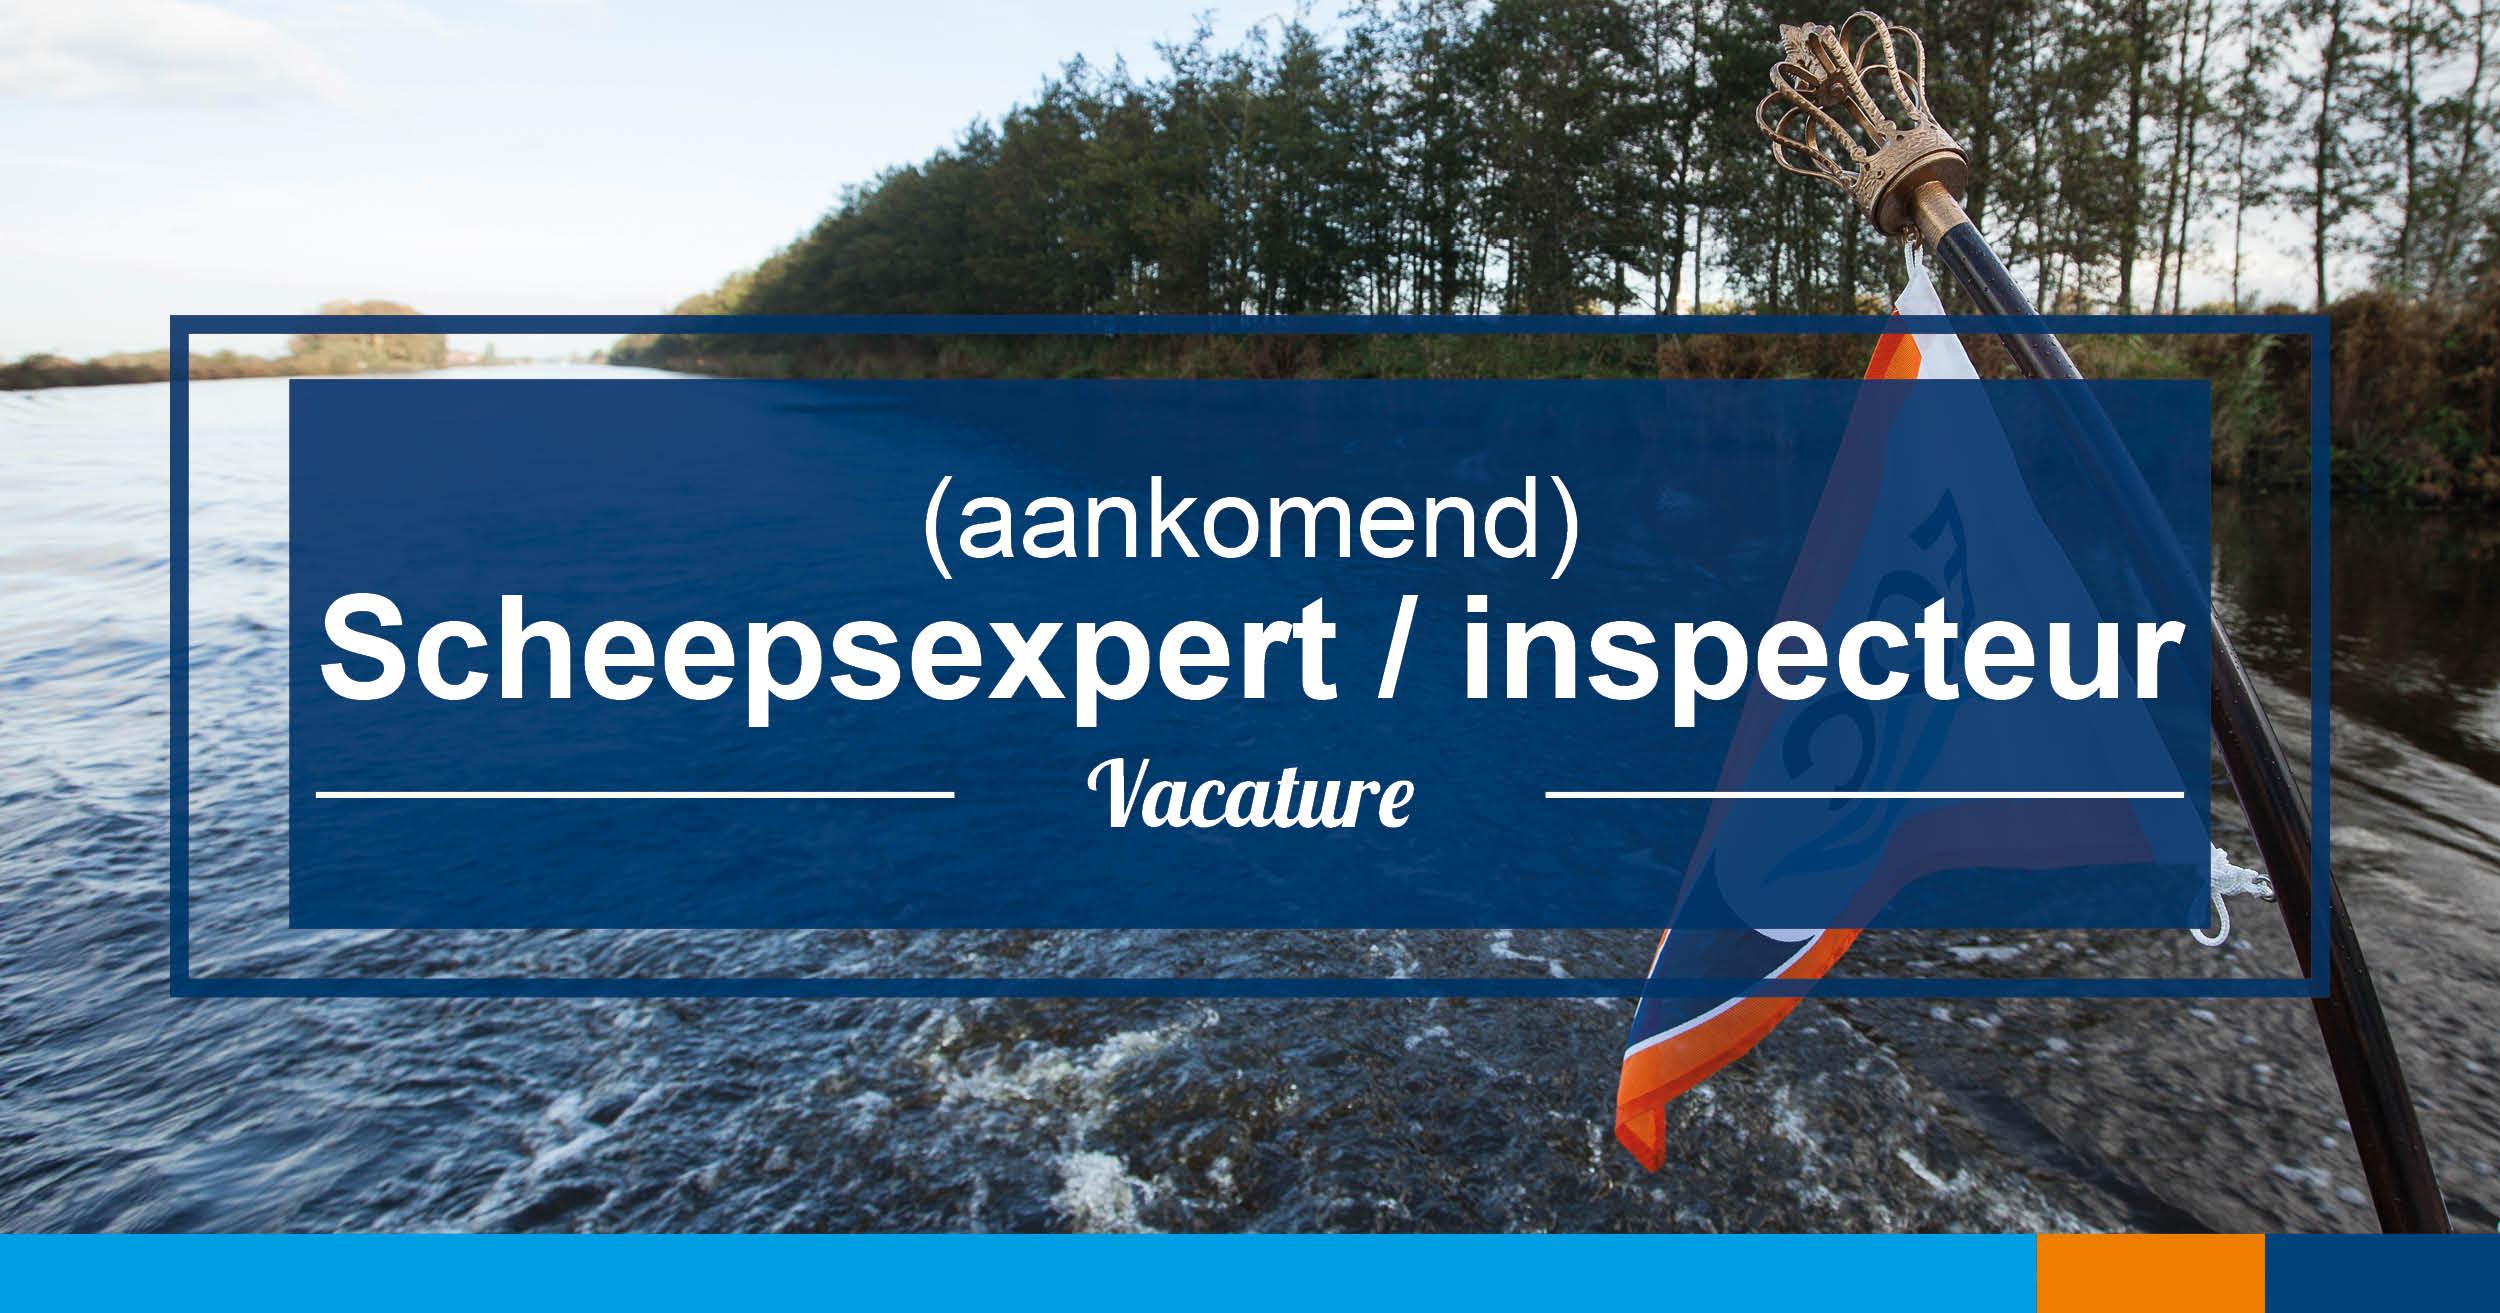 21297c94515e04 Gezocht  (aankomend) Scheepsexpert   inspecteur